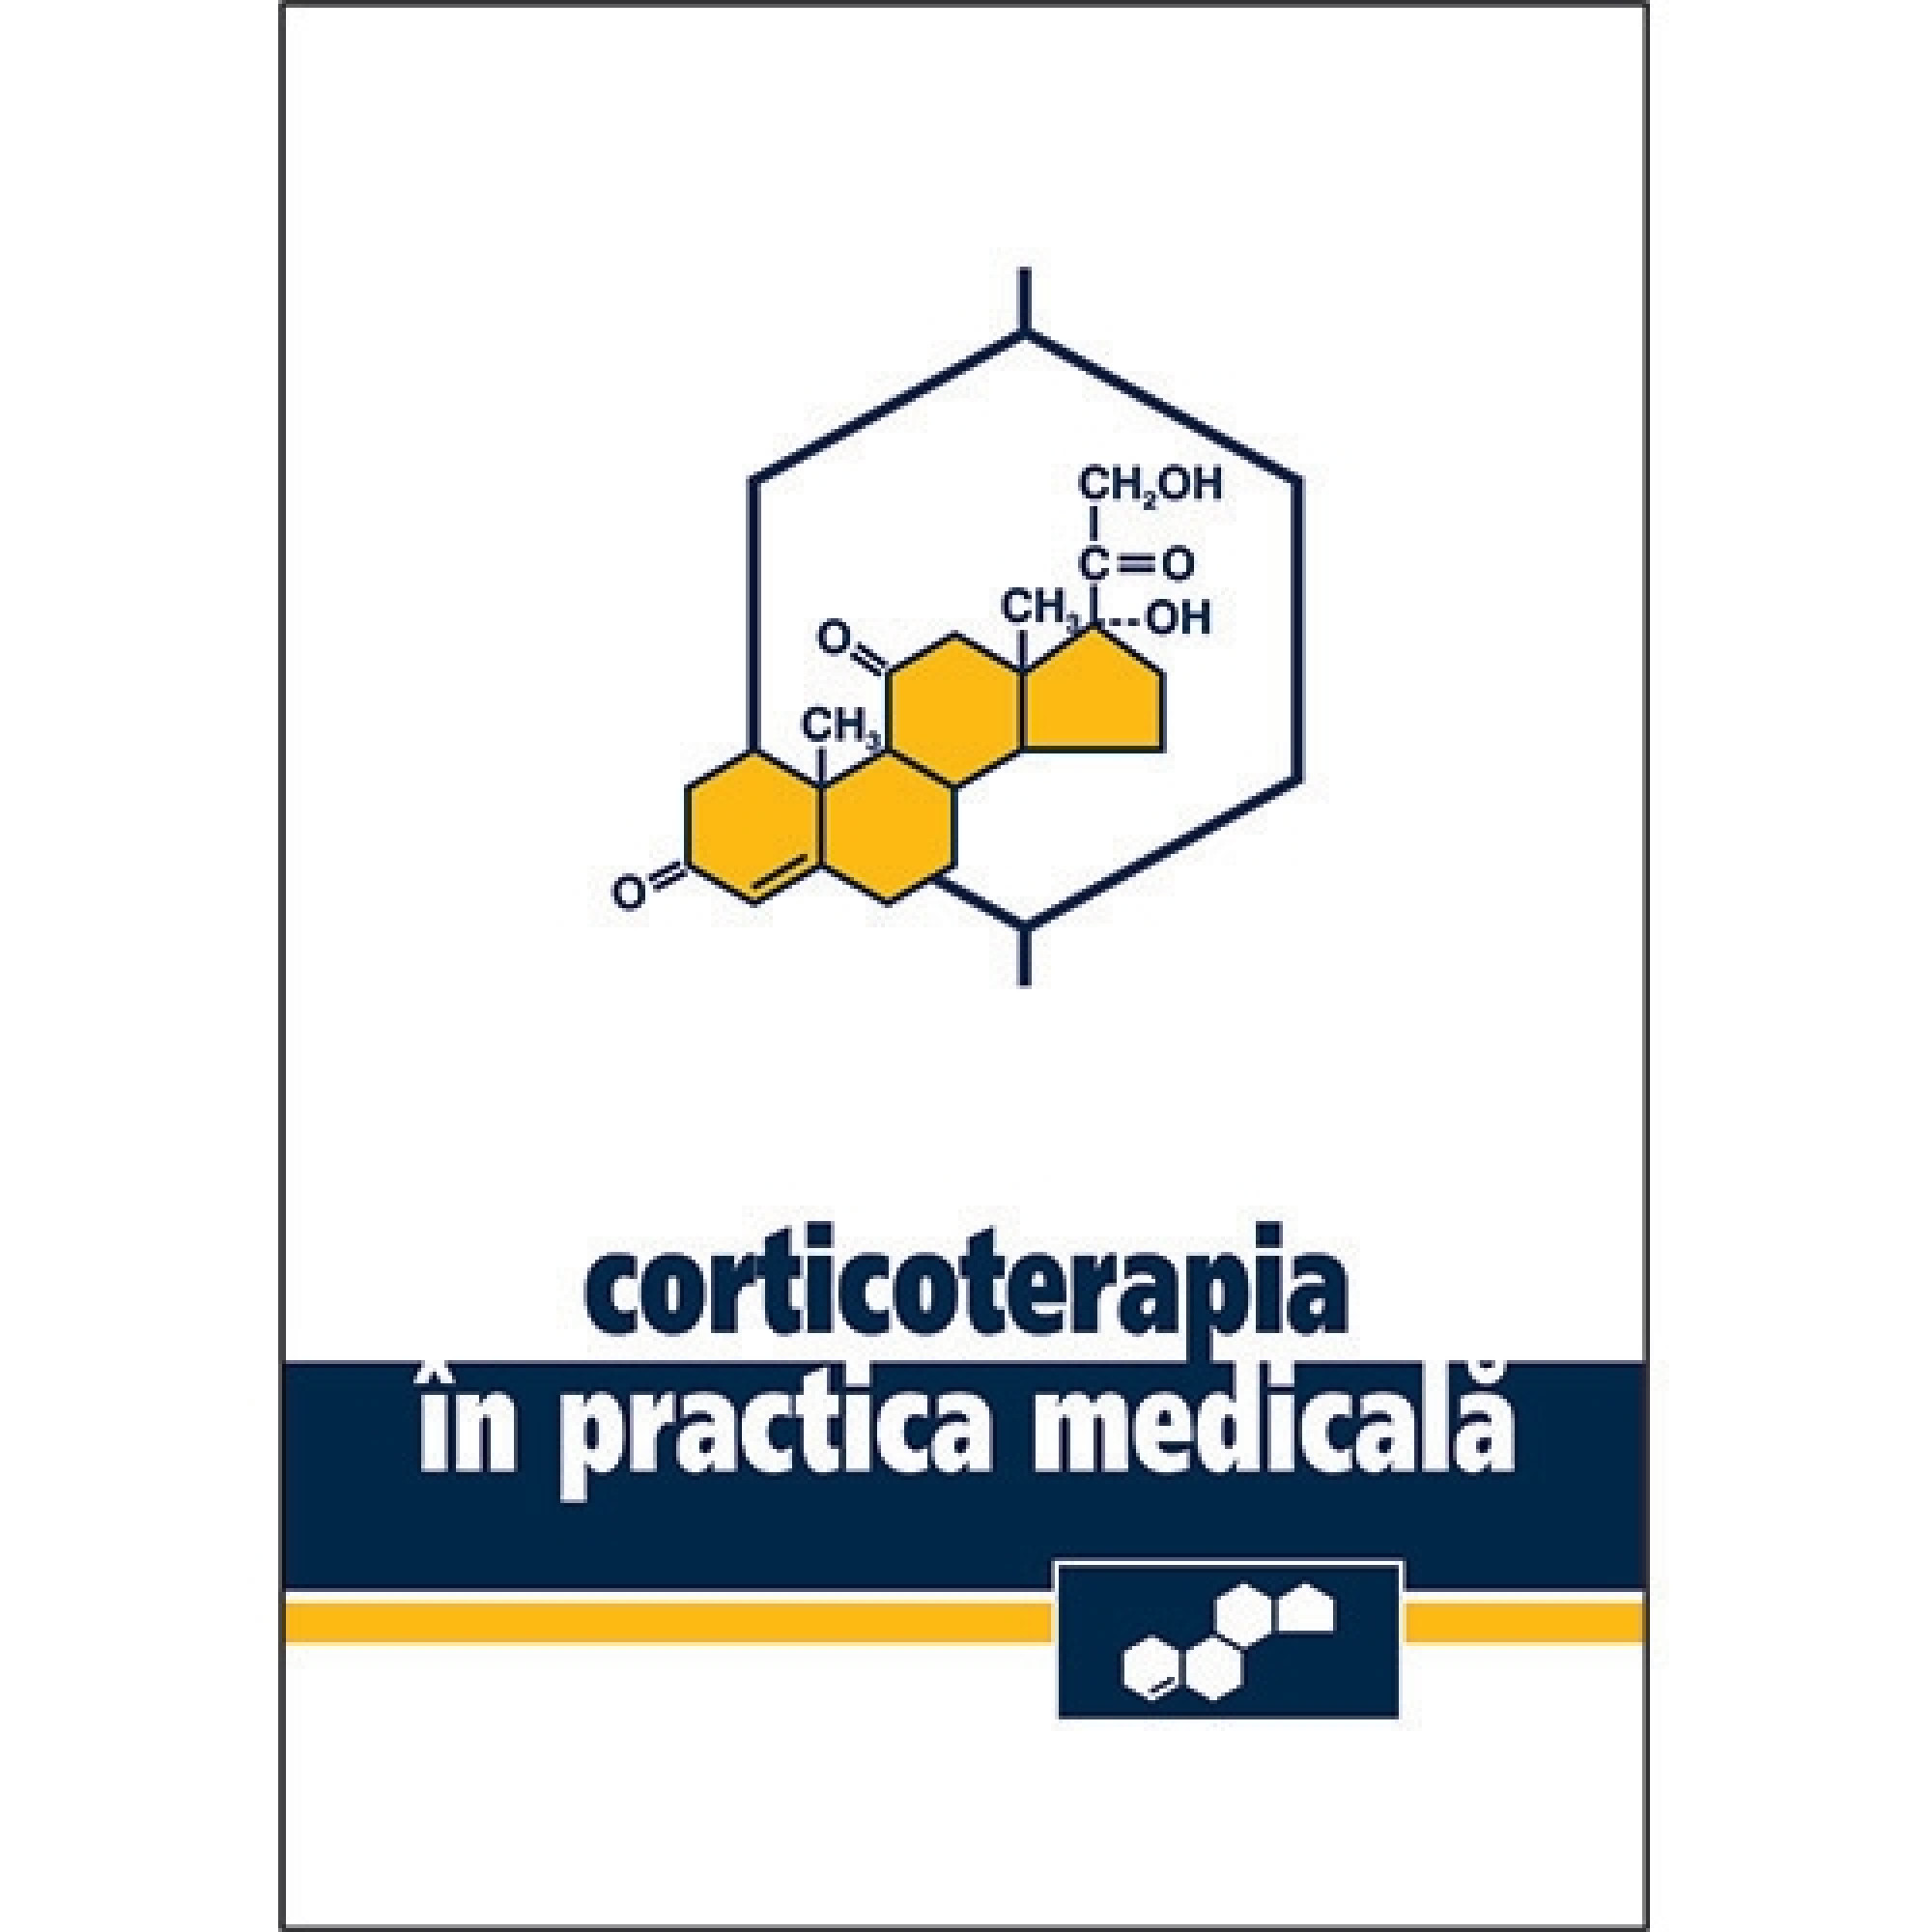 Corticoterapia în practica medicală